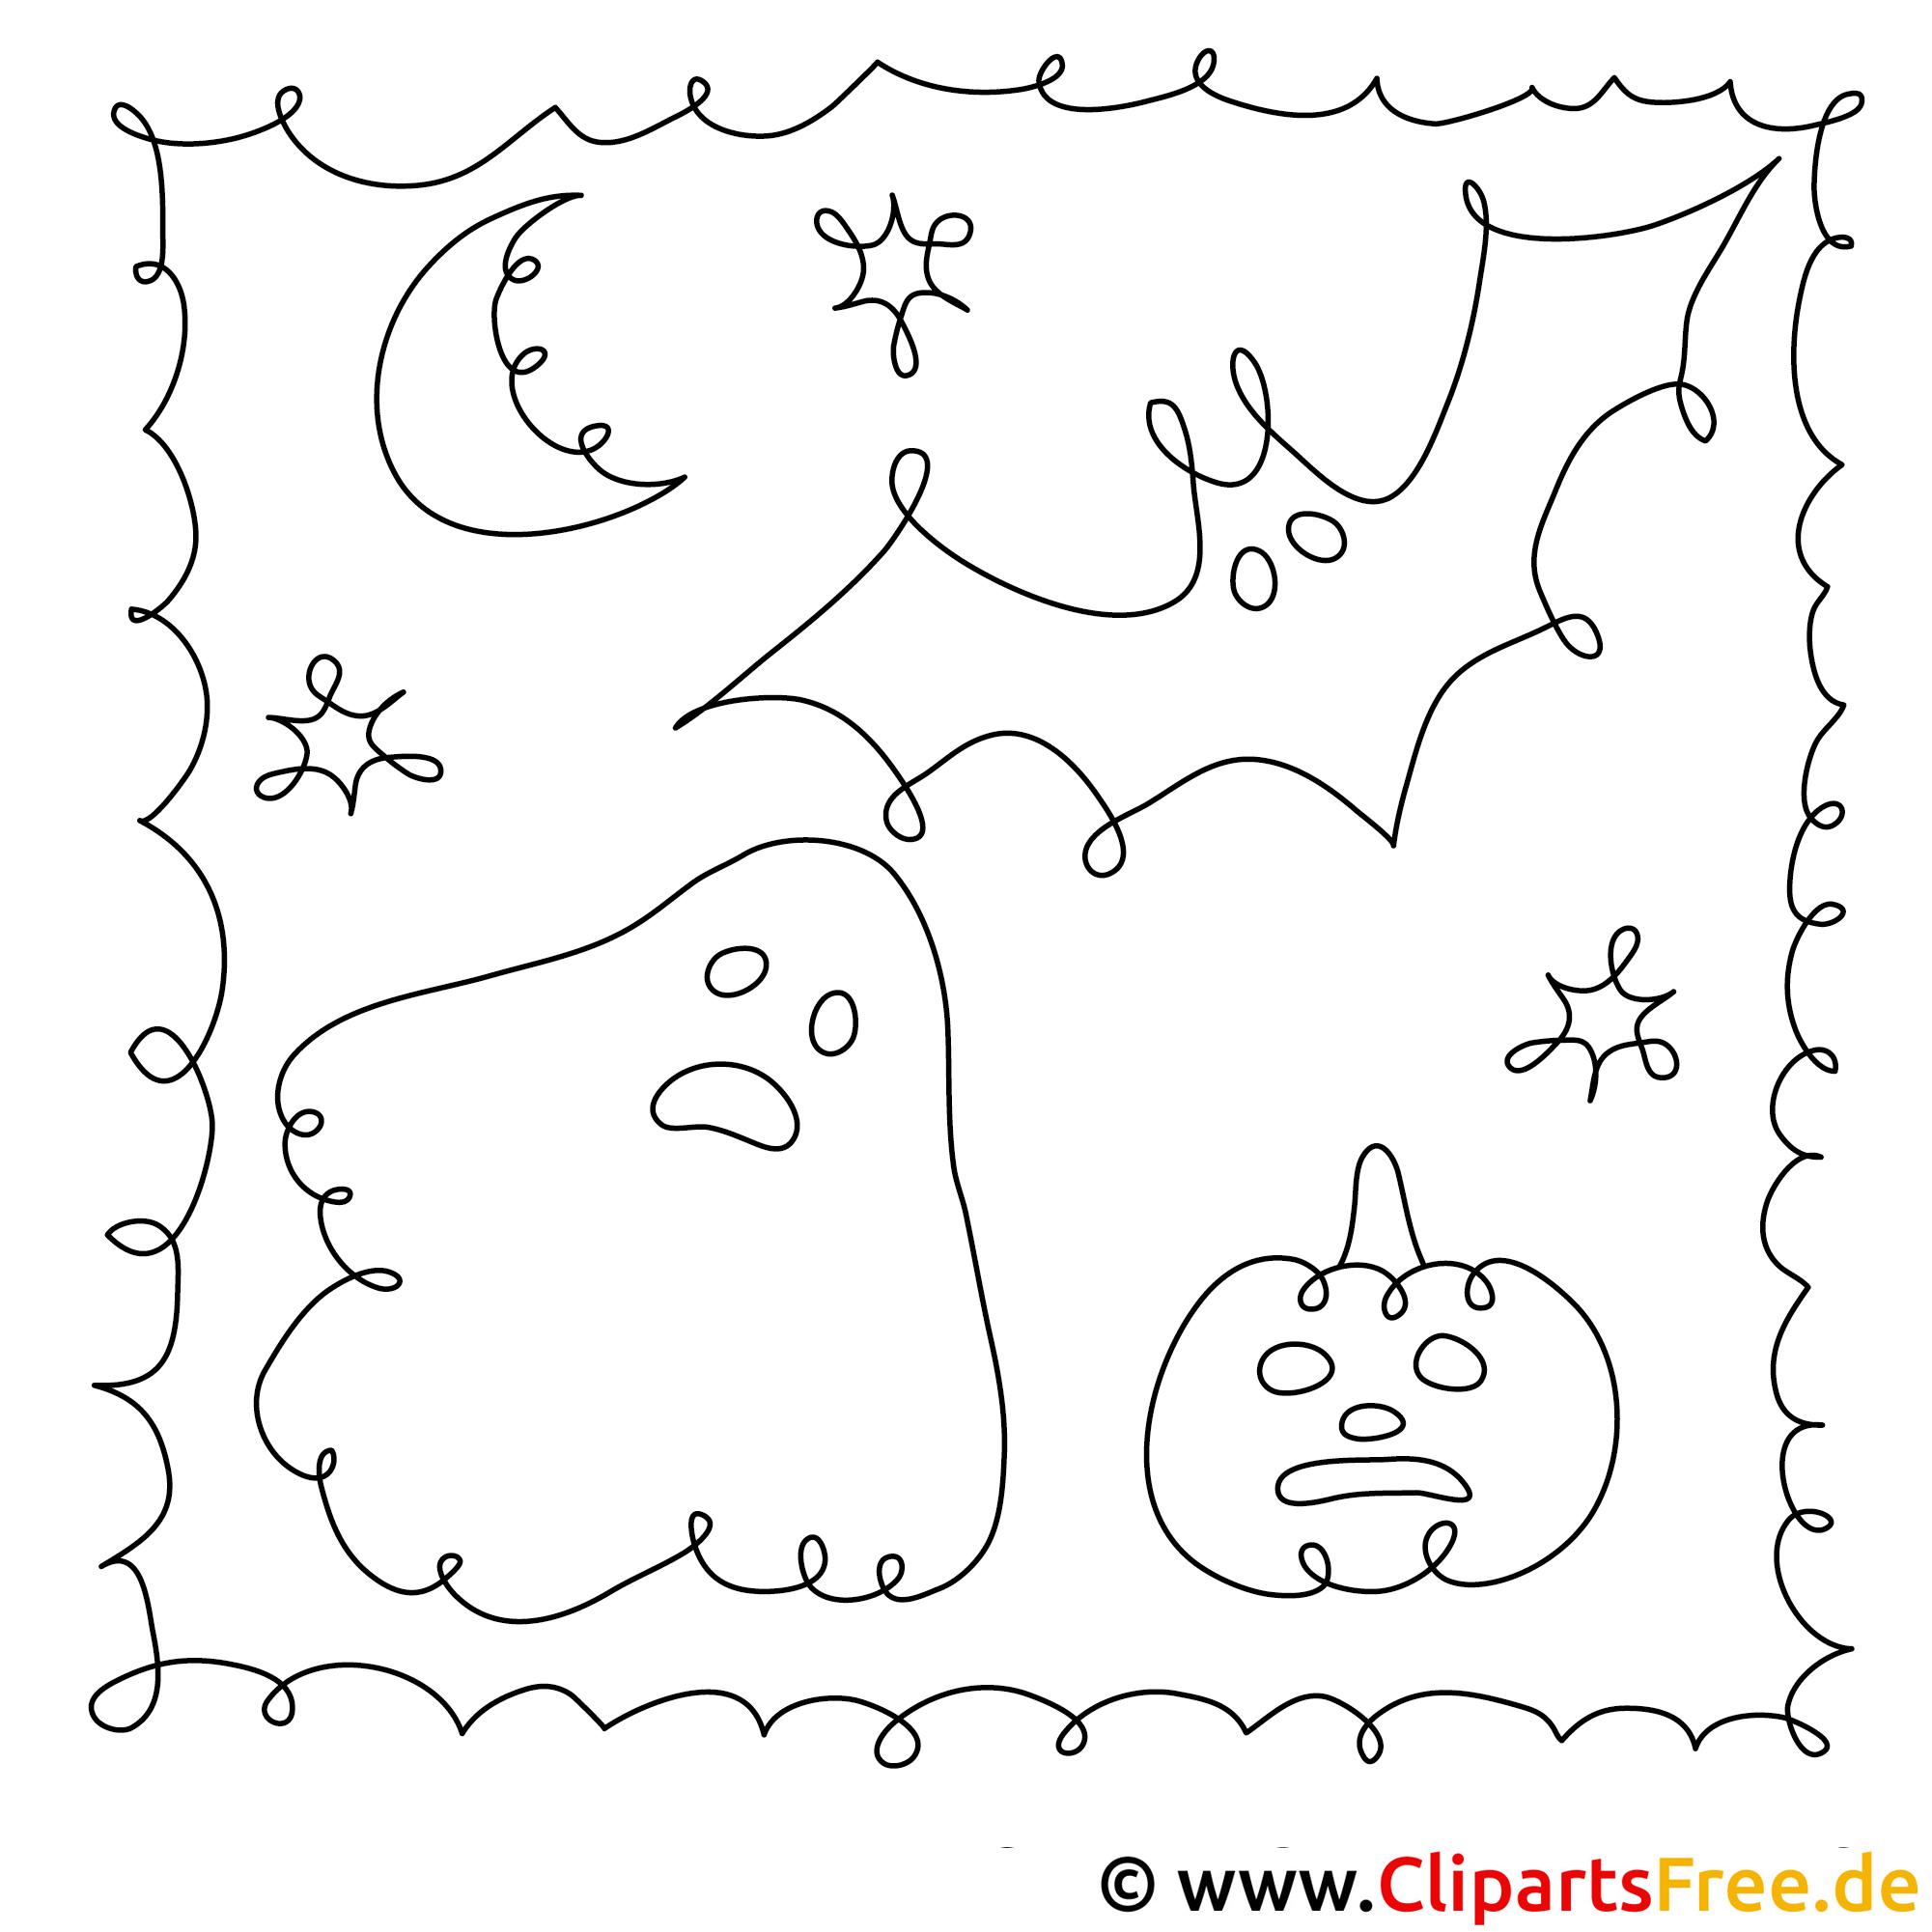 Malvorlage kostenlos zu Halloween